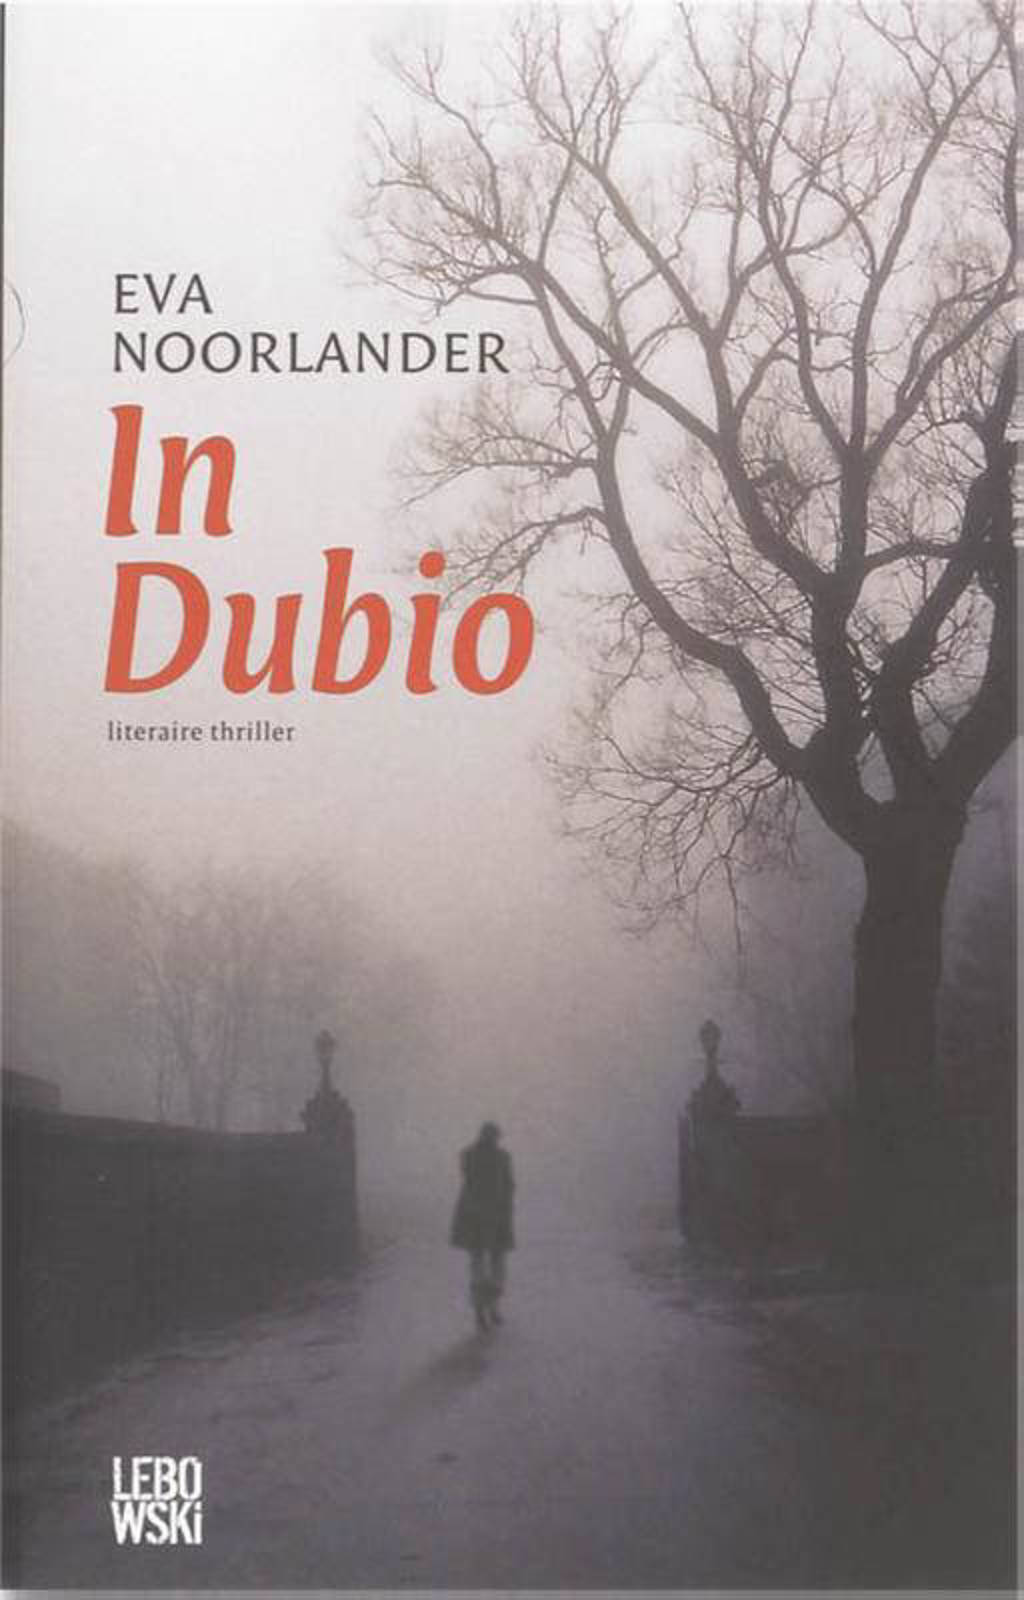 In Dubio - Eva Noorlander